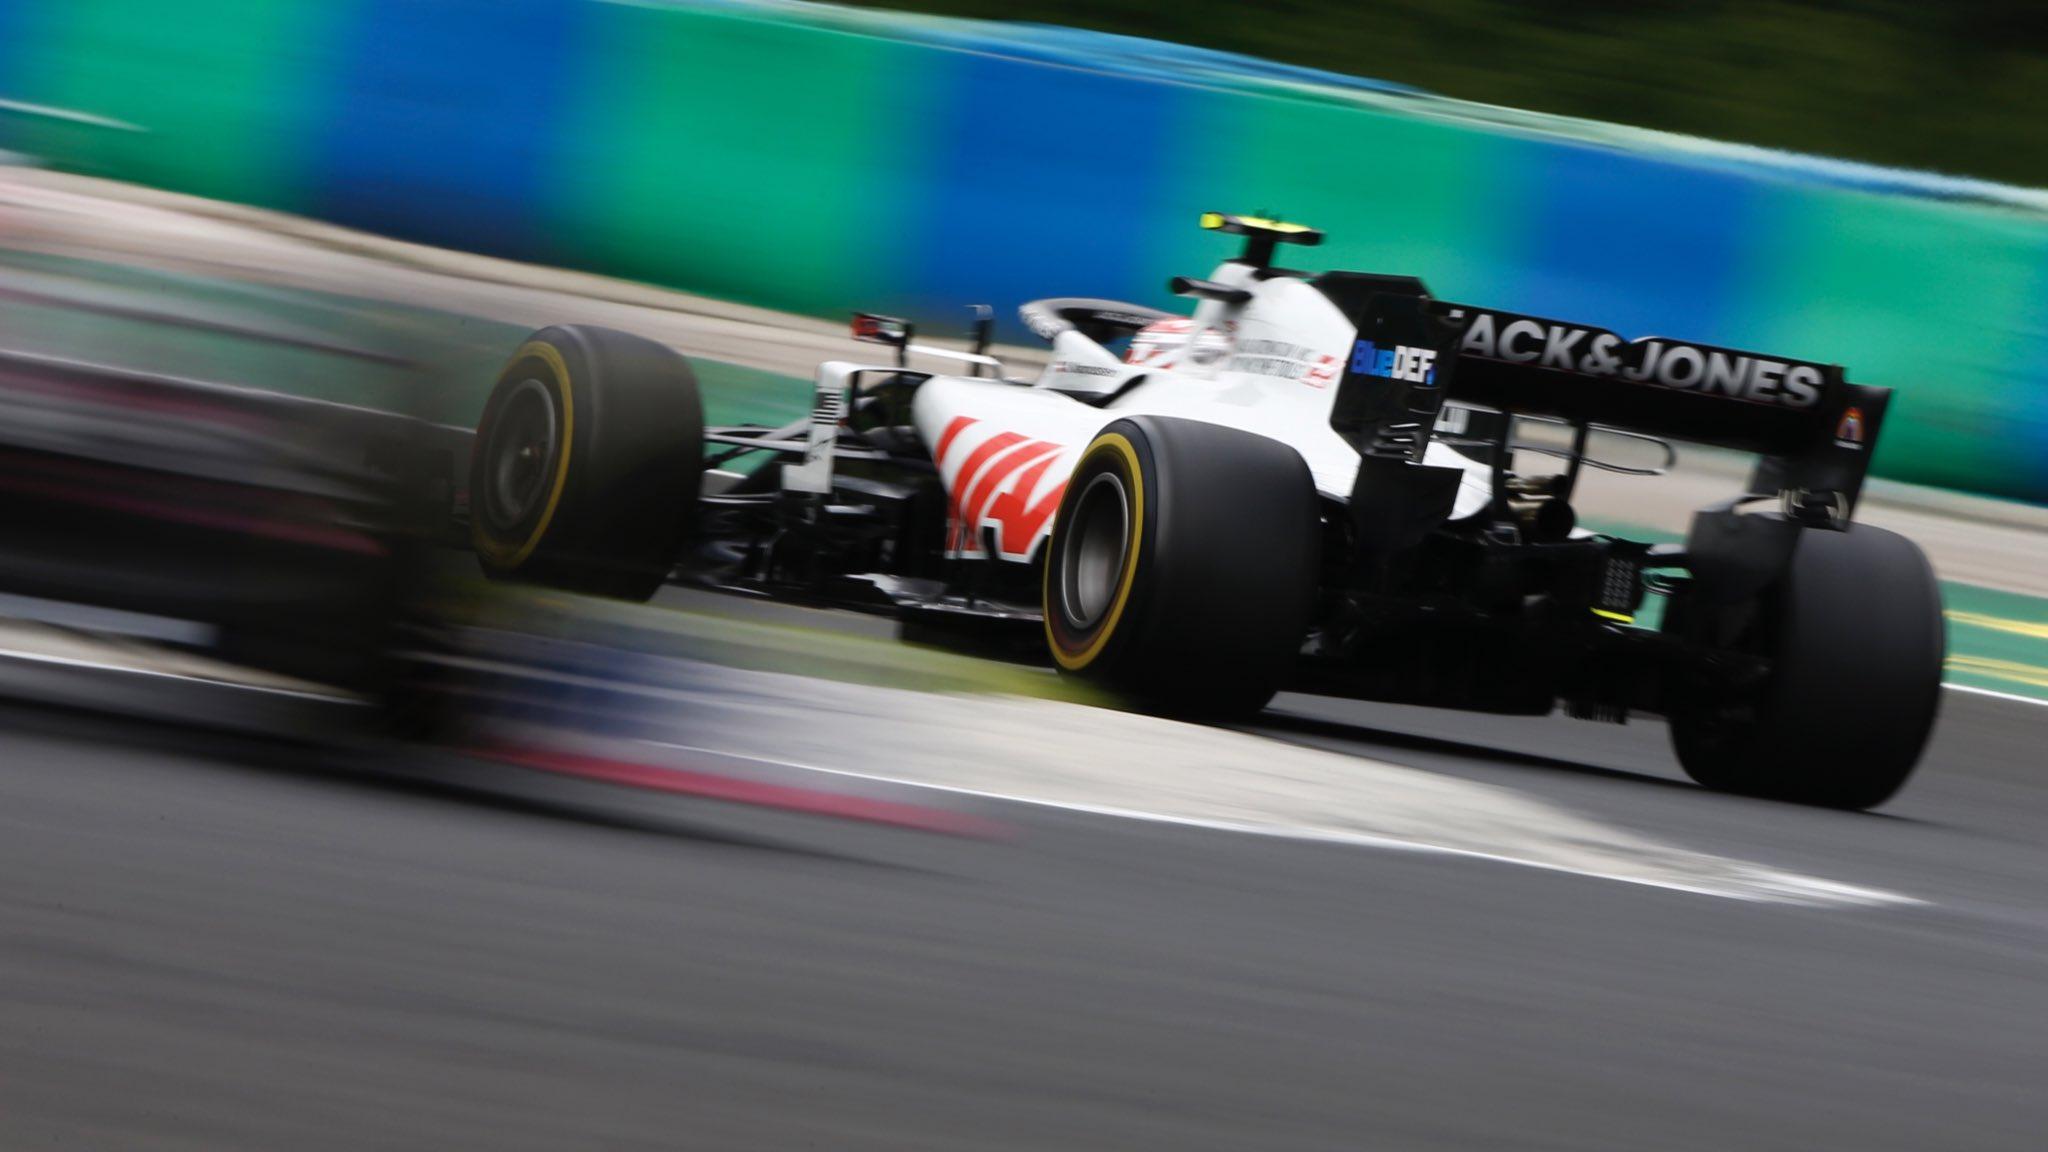 F1 - La pénalité infligée aux pilotes Haas expliquée